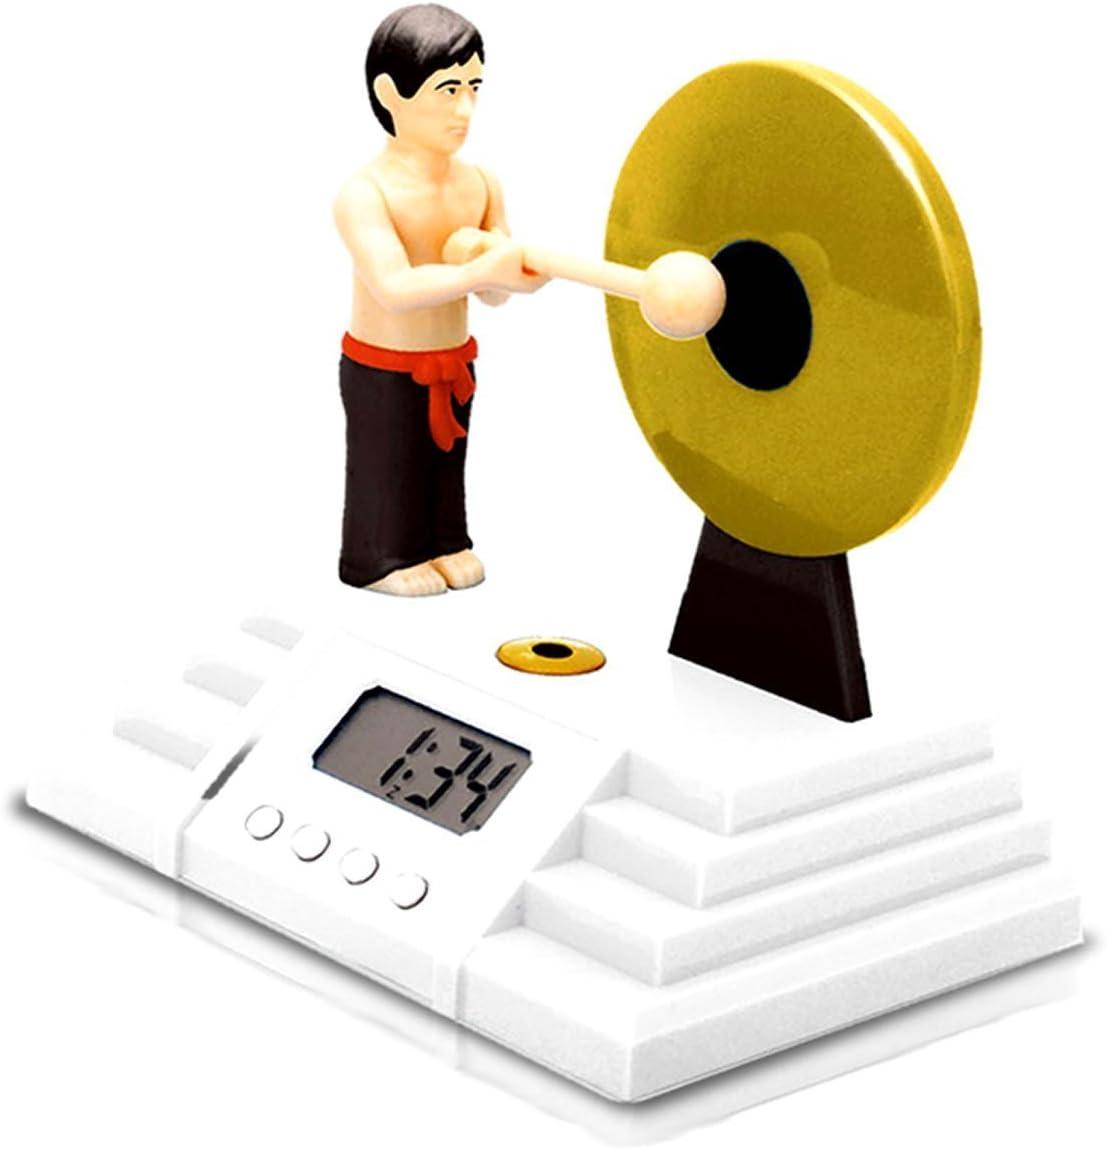 ゴング 型 デジタル 目覚まし 時計